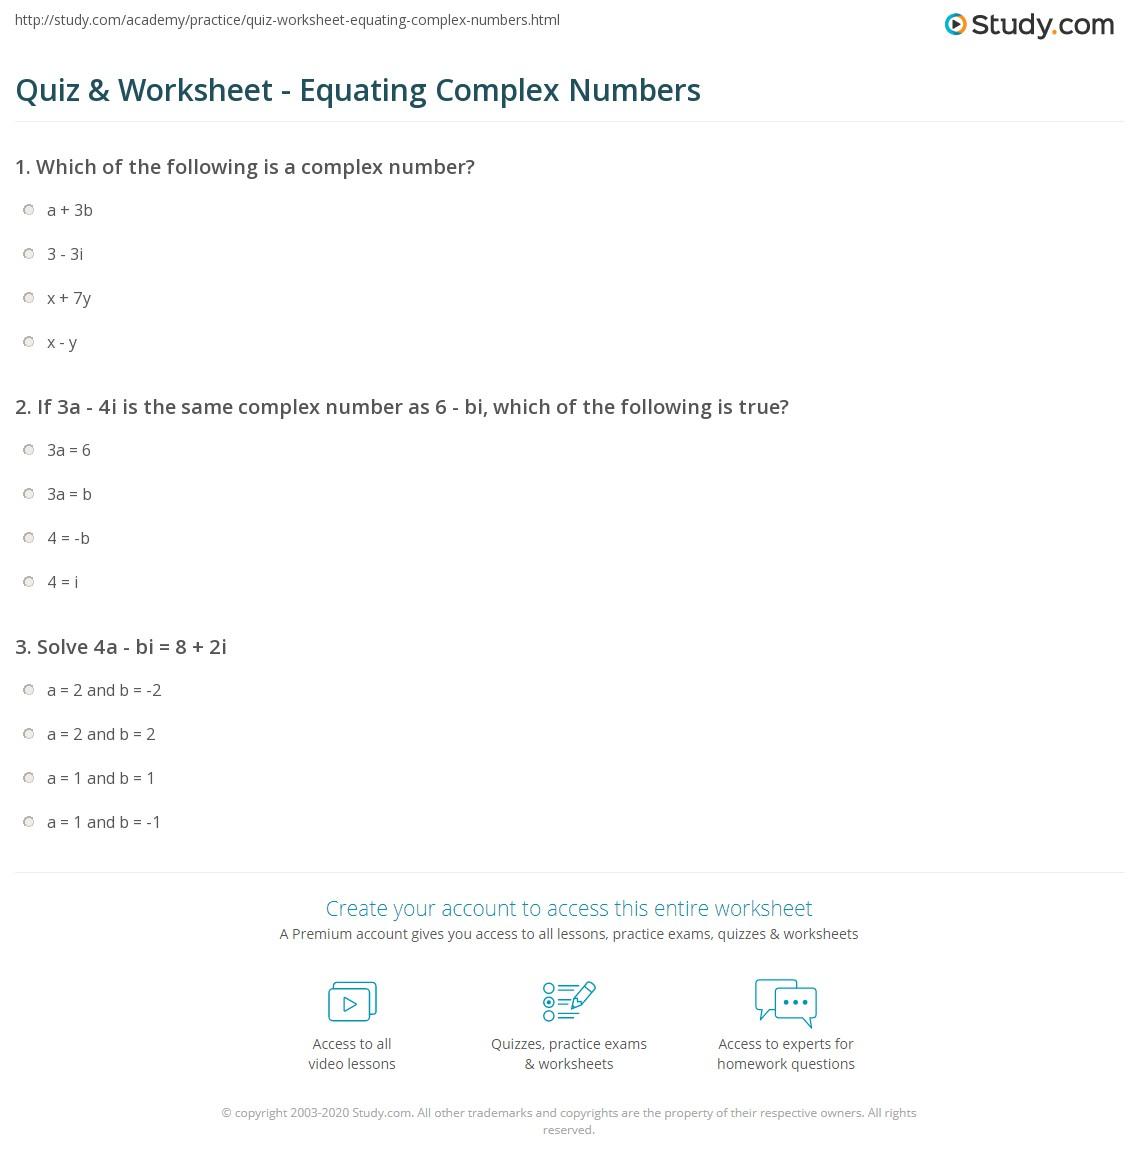 Quiz & Worksheet - Equating Complex Numbers | Study.com